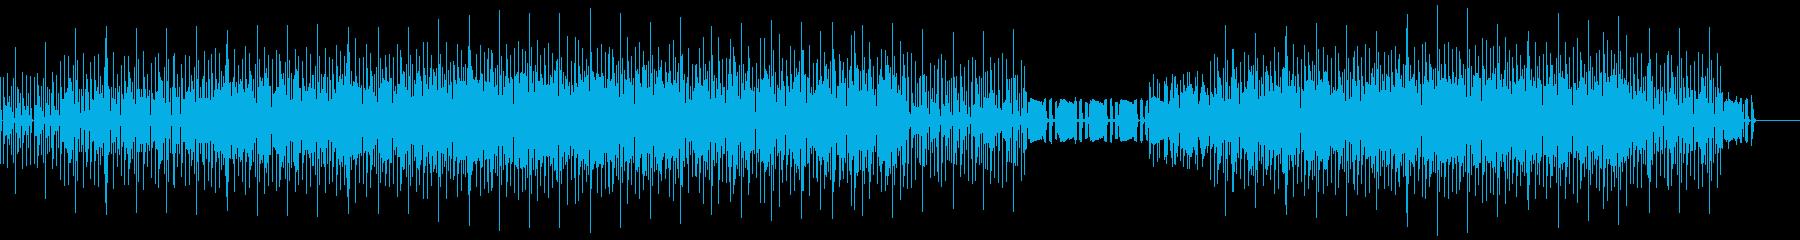 タフな印象のする音を使ったテクノロックの再生済みの波形